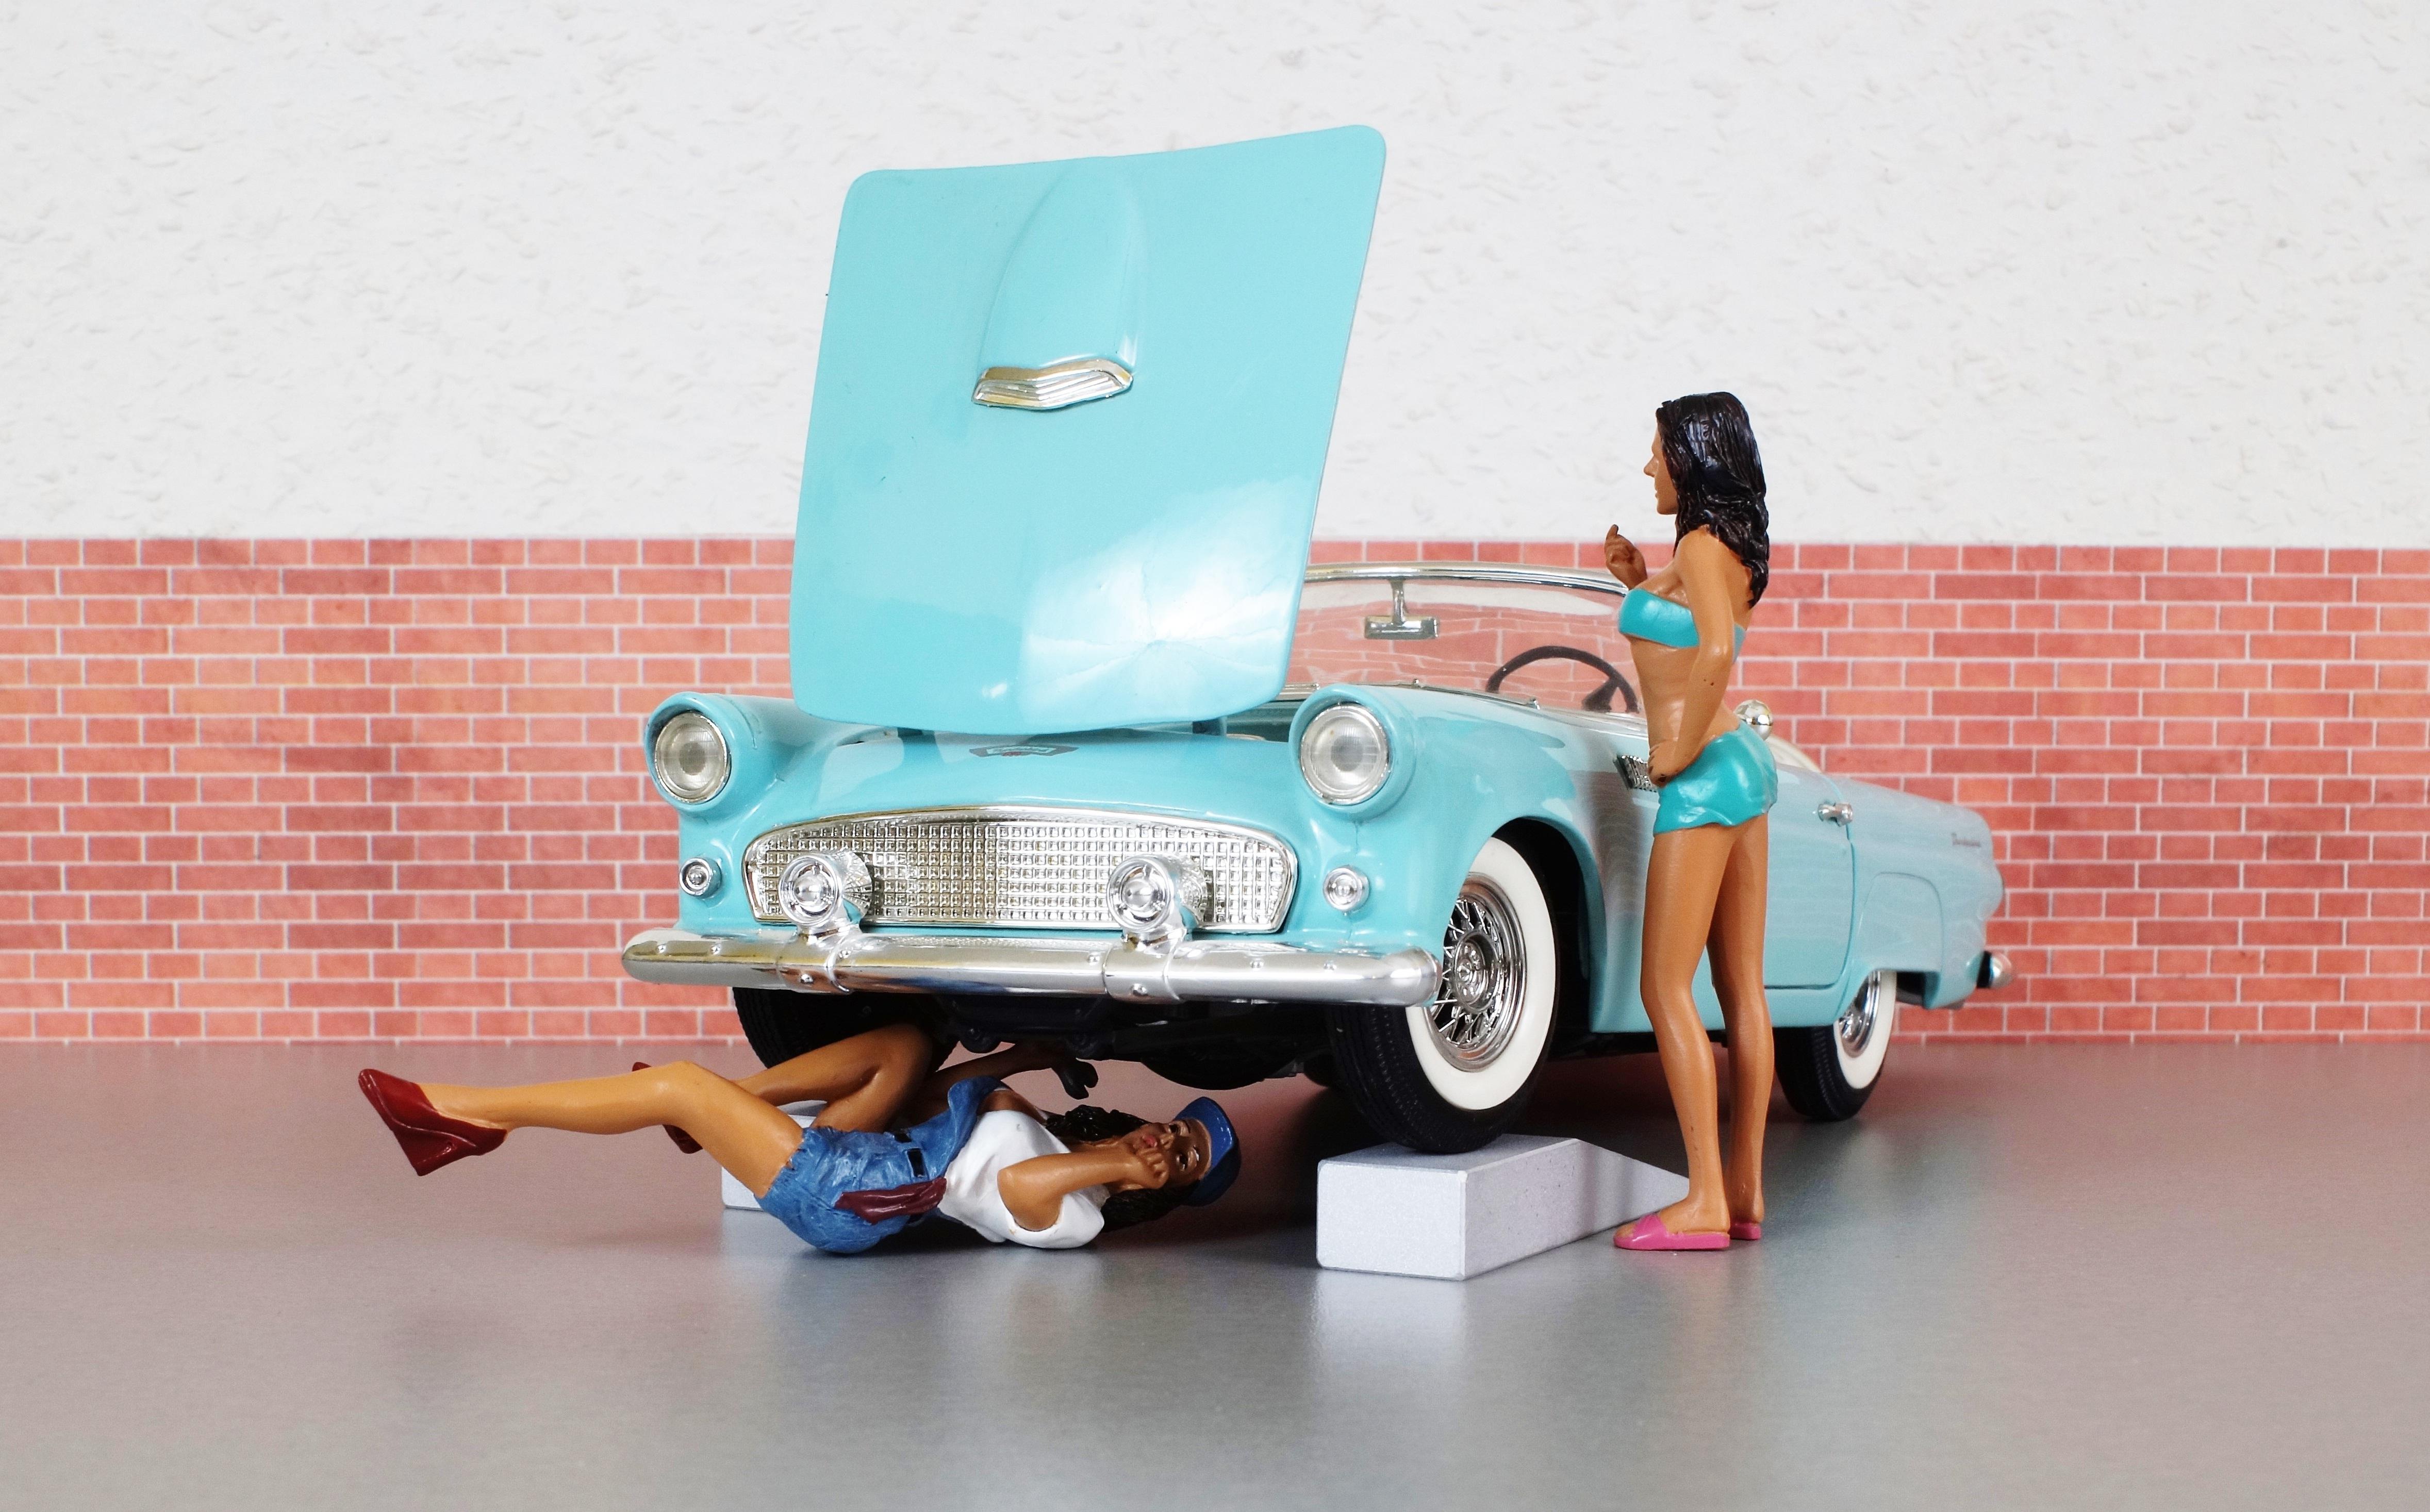 gambar tua bengkel kendaraan amerika serikat mobil antik mengarungi ilustrasi oldtimer. Black Bedroom Furniture Sets. Home Design Ideas